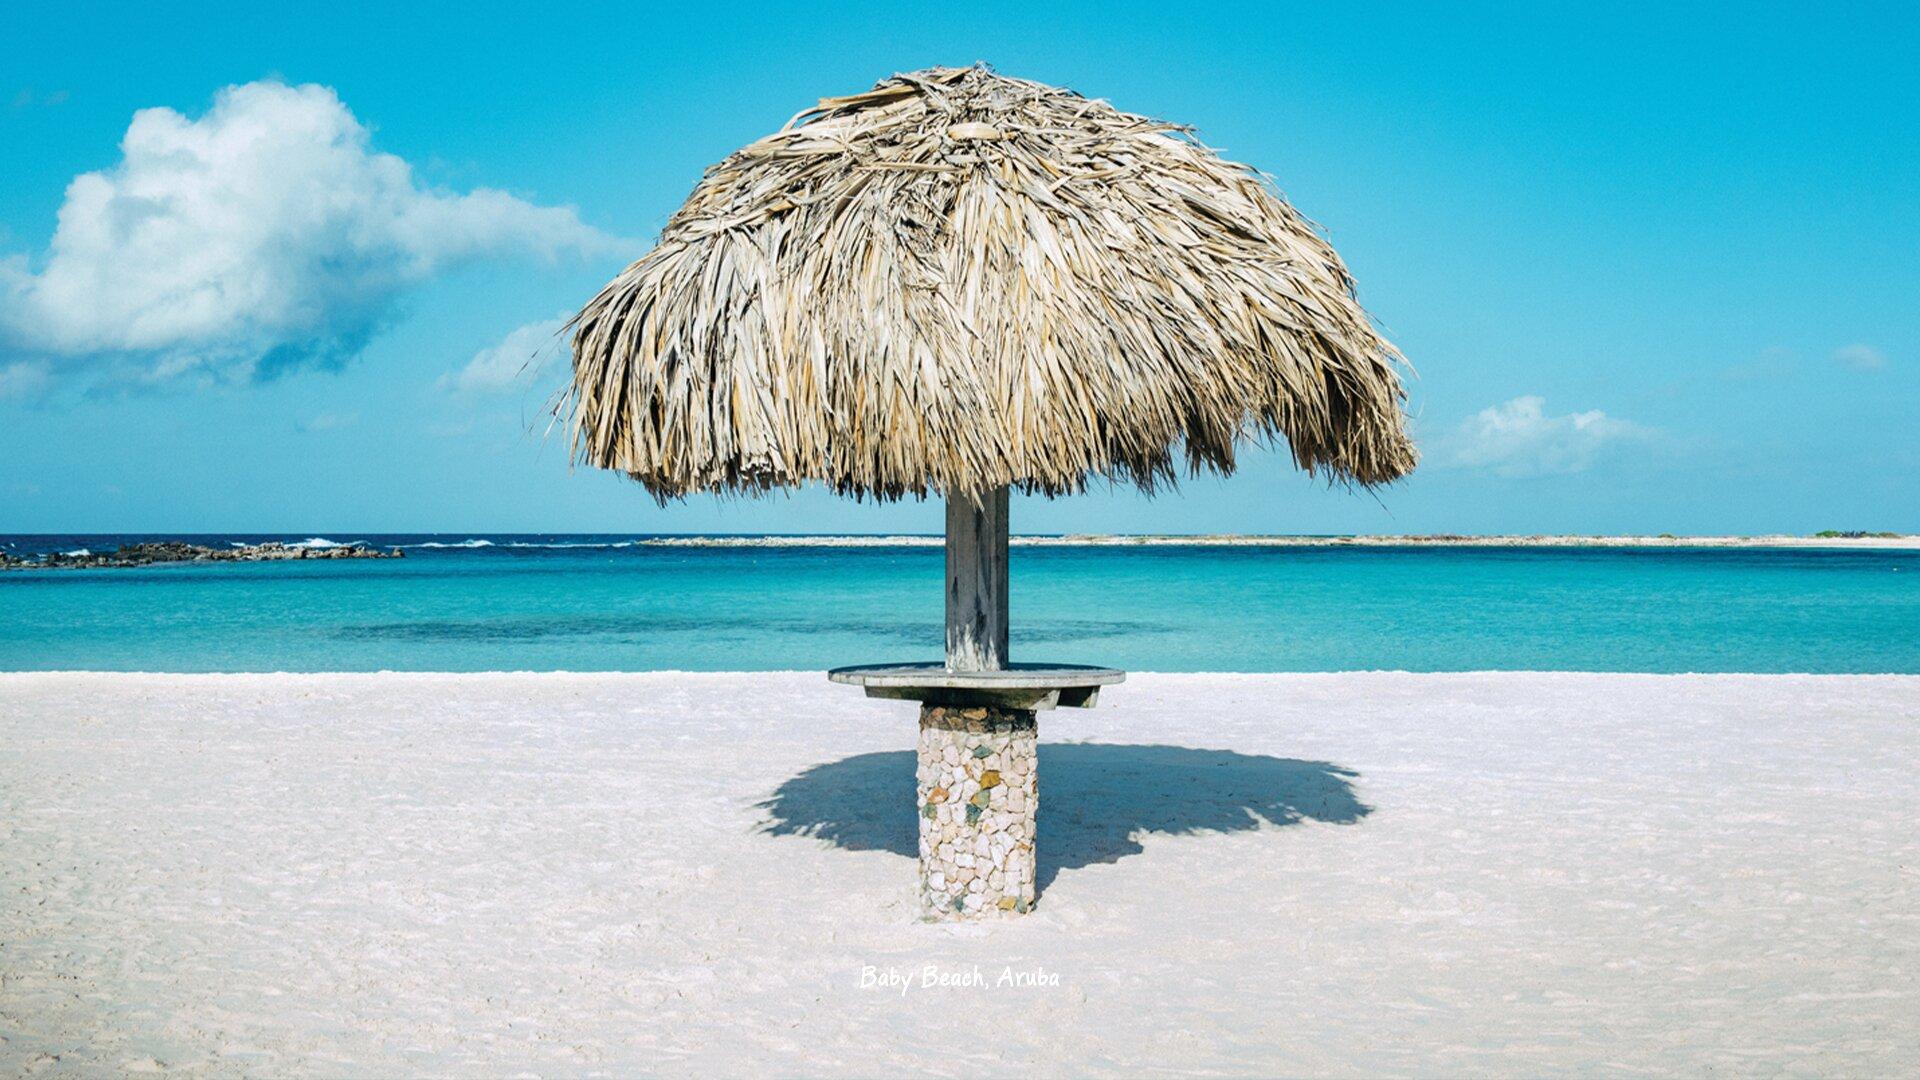 Qué hacer en Aruba, destino ideal para viajar por el Caribe